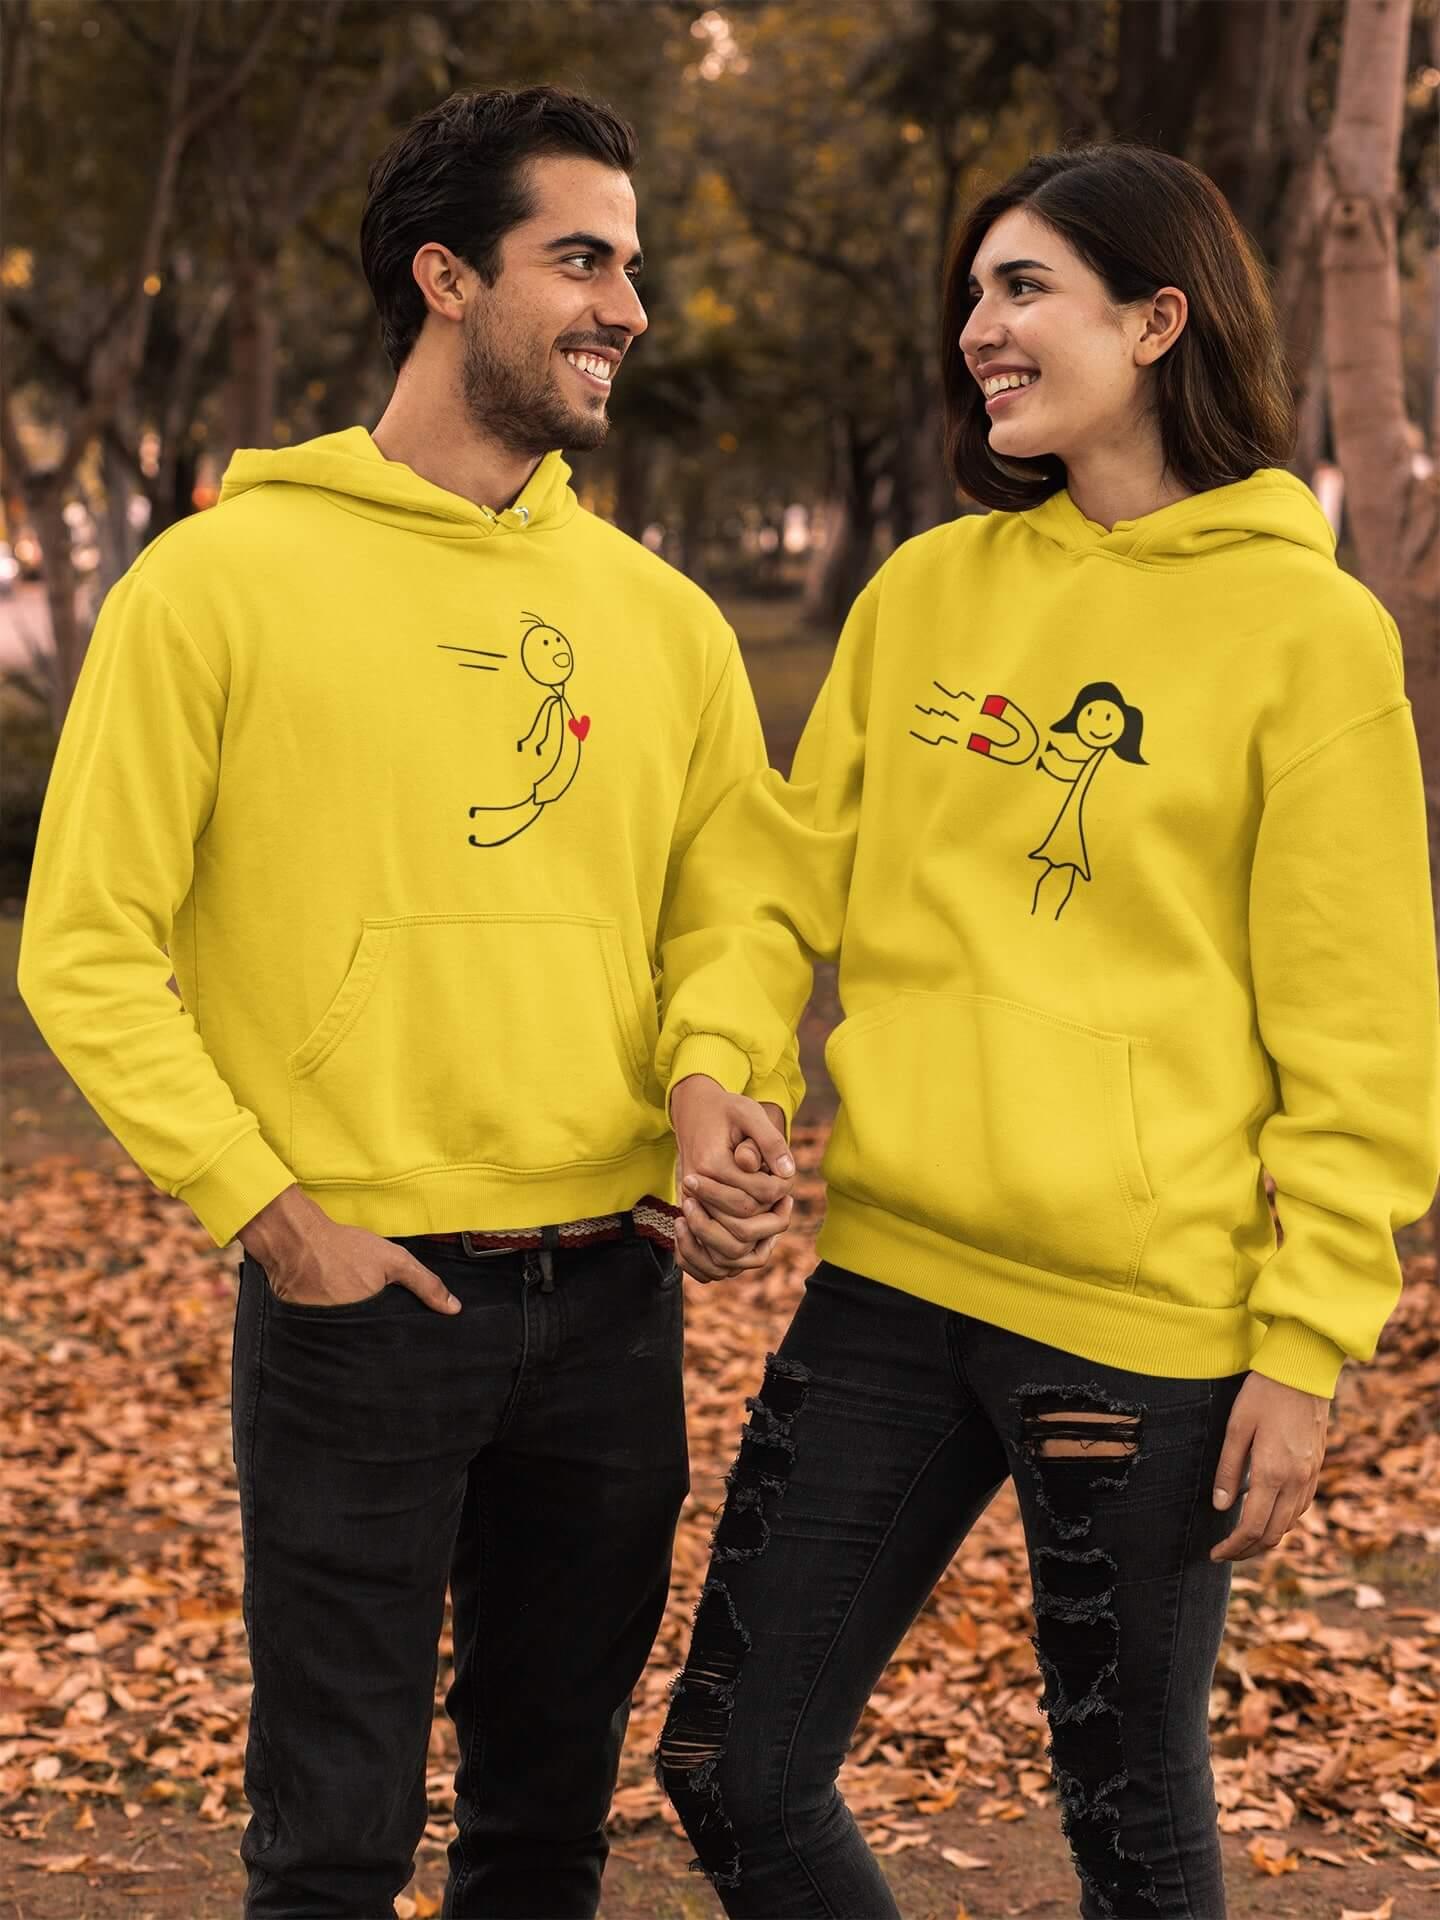 MMO Mikiny pre páry Magnet Farba: Žltá, Dámska veľkosť: S, Pánska veľkosť: S